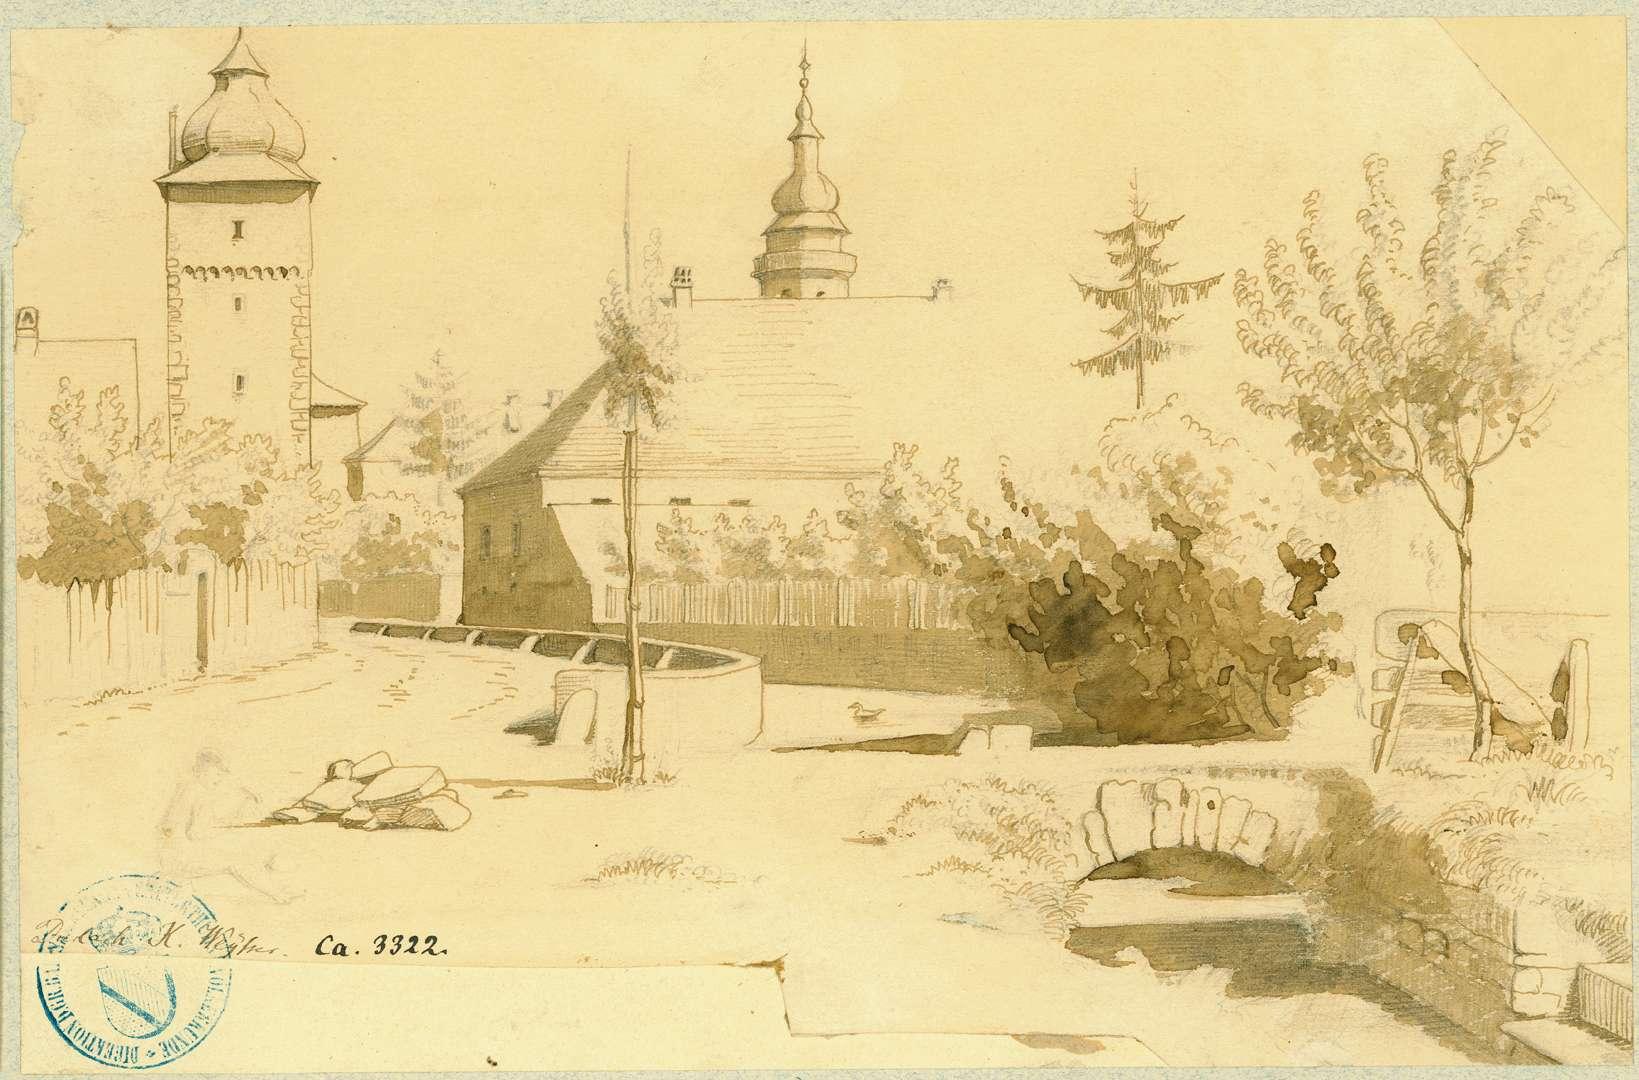 Durlach Partie an einem kleinen Kanal mit Blick auf das Basler Tor von Süden, Bild 1